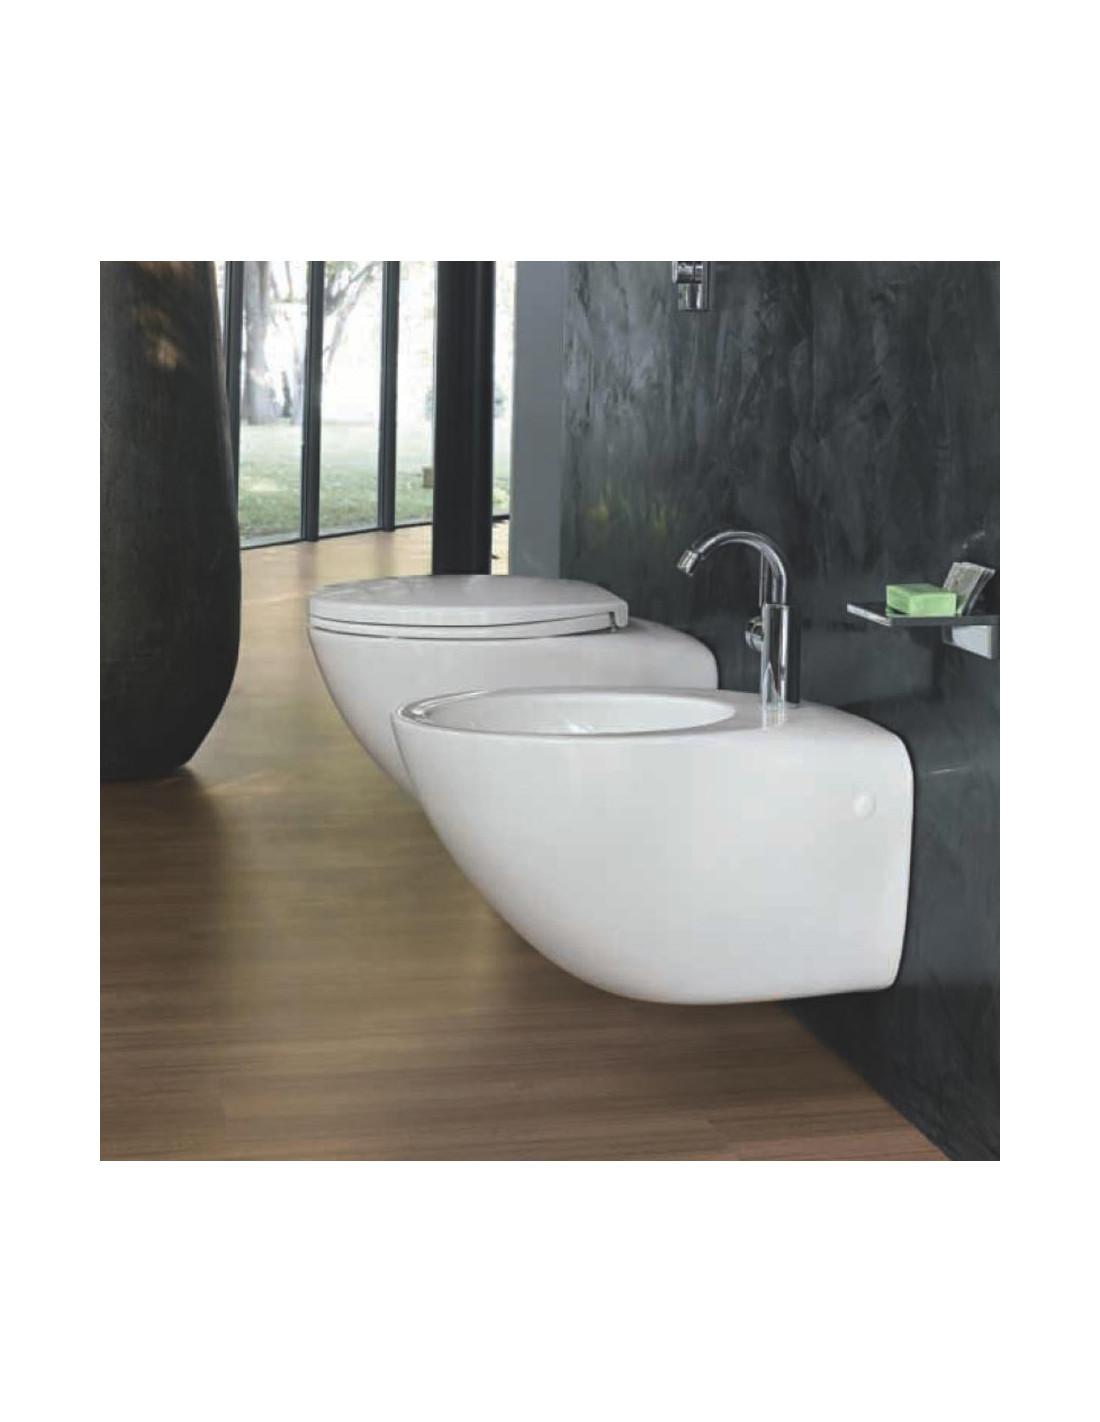 Sanitari quaranta ceramiche pozzi ginori vaso bidet e - Sanitari bagno outlet ...